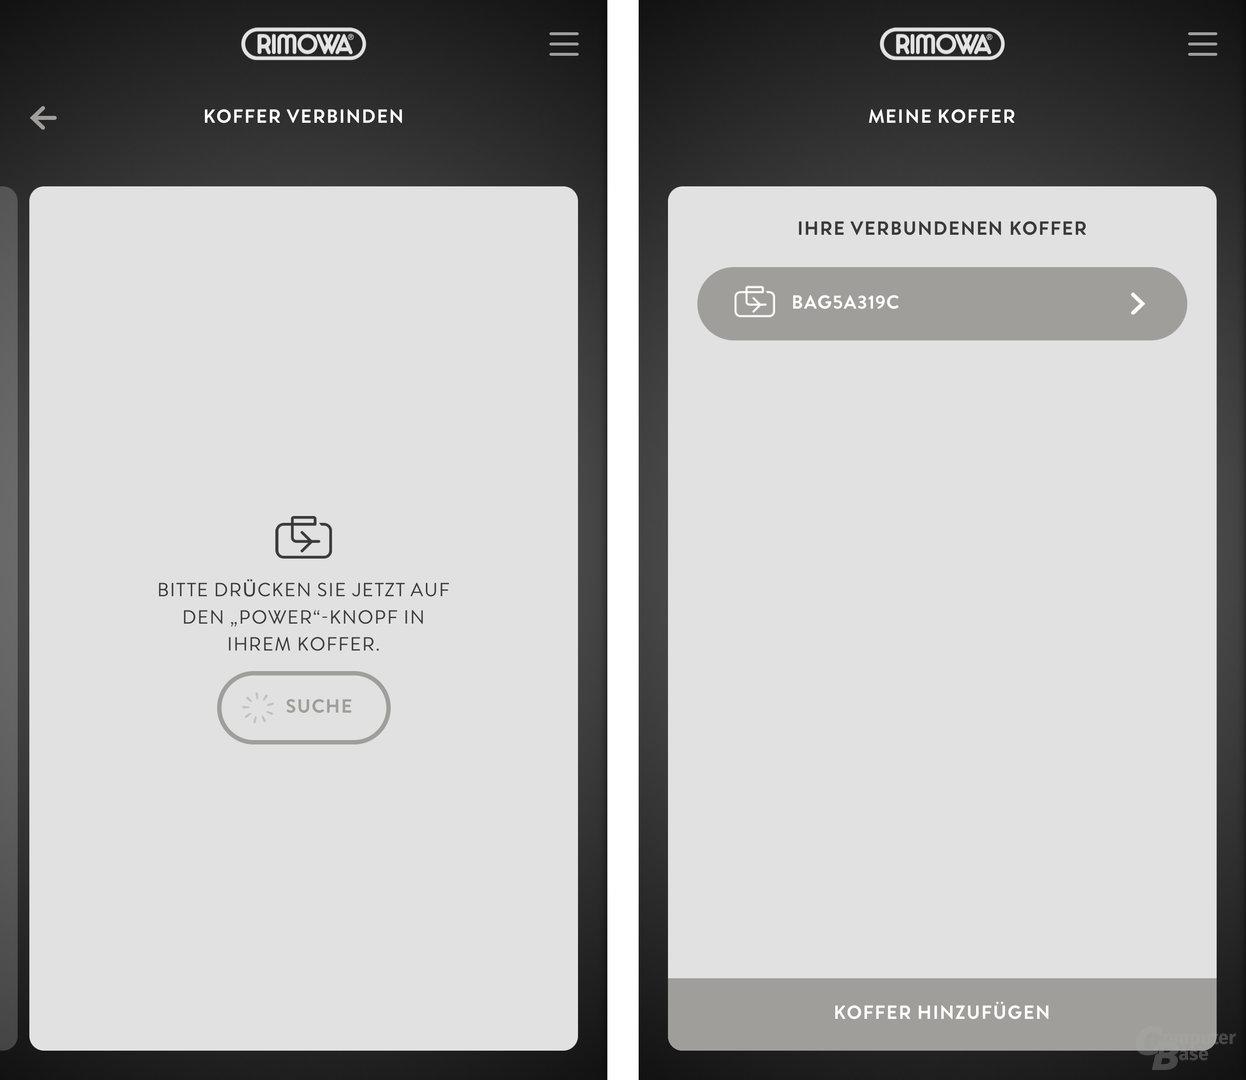 Rimowa-App/Smartphone und Koffer verbinden sich per Bluetooth